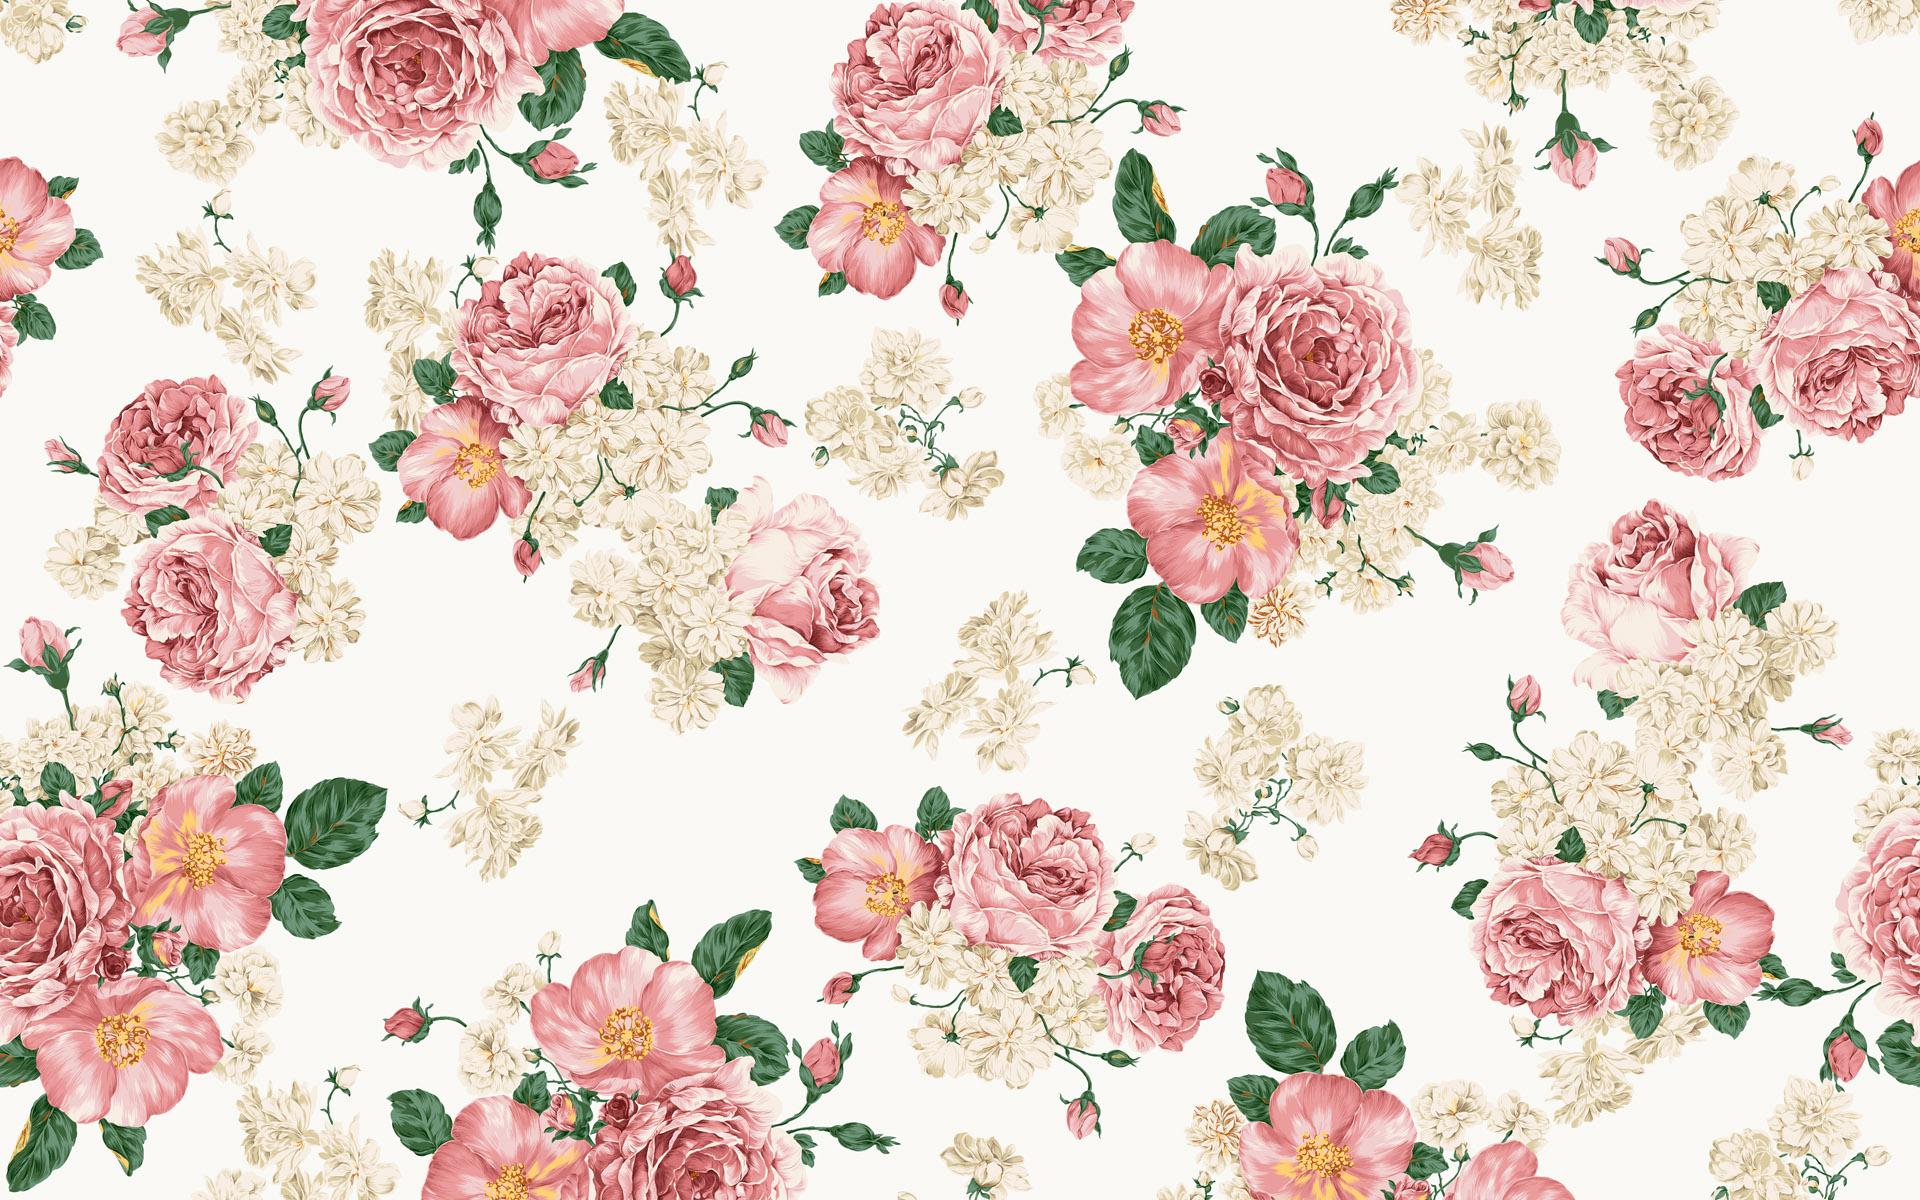 flowers wallpaper A3